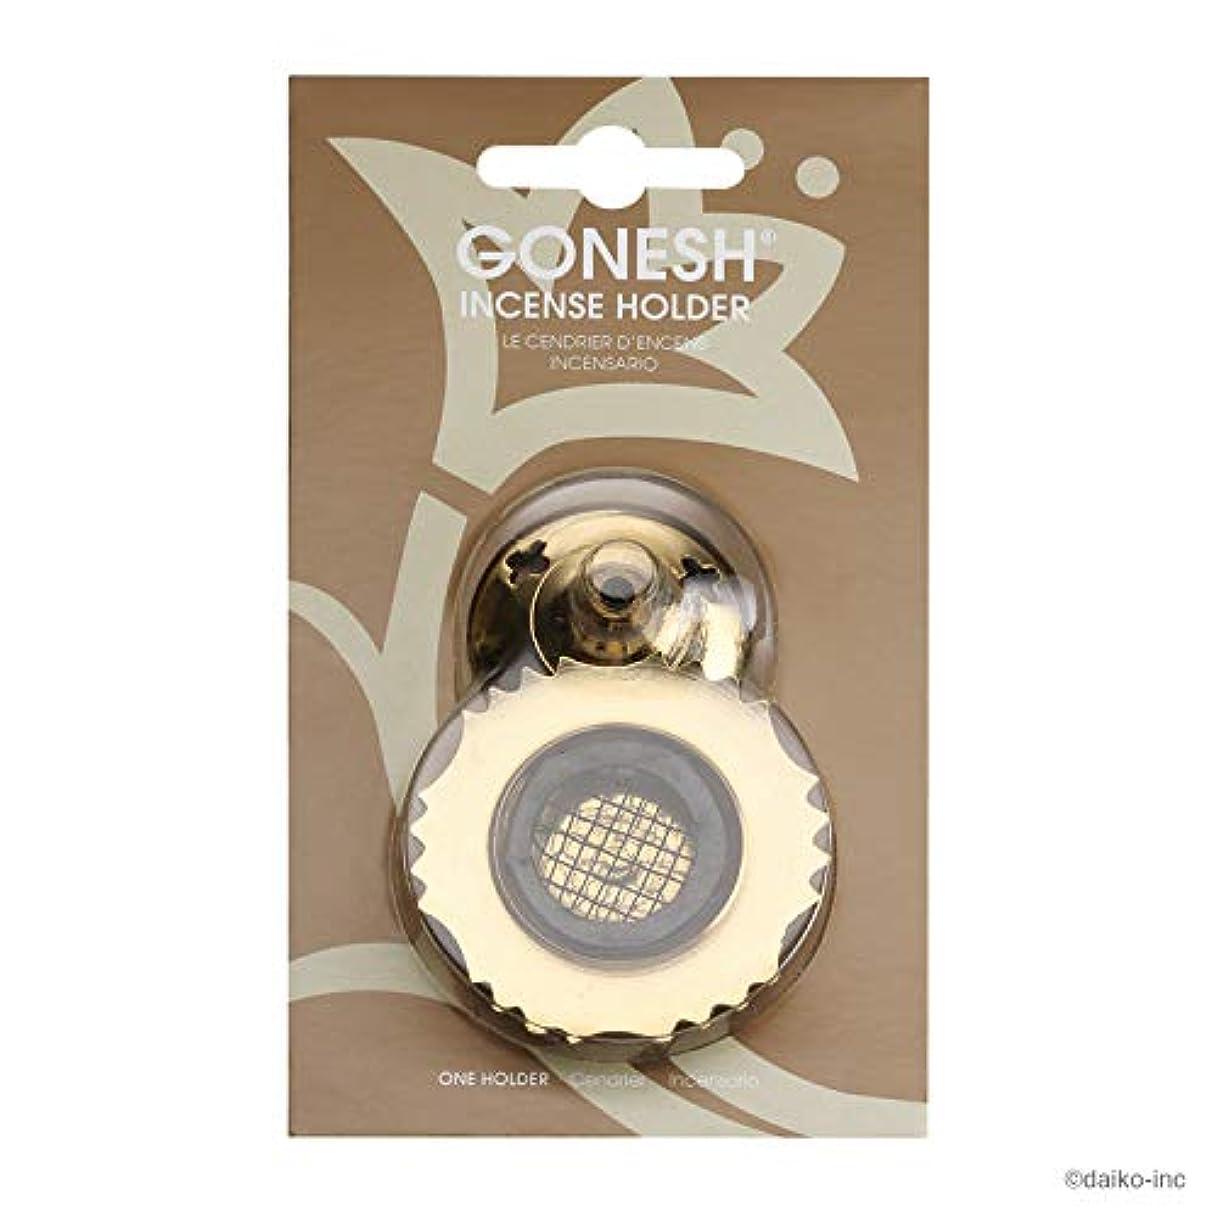 免疫虫を数える確執ガーネッシュ(GONESH) インセンスホルダー メッシュブラス (お香立て)